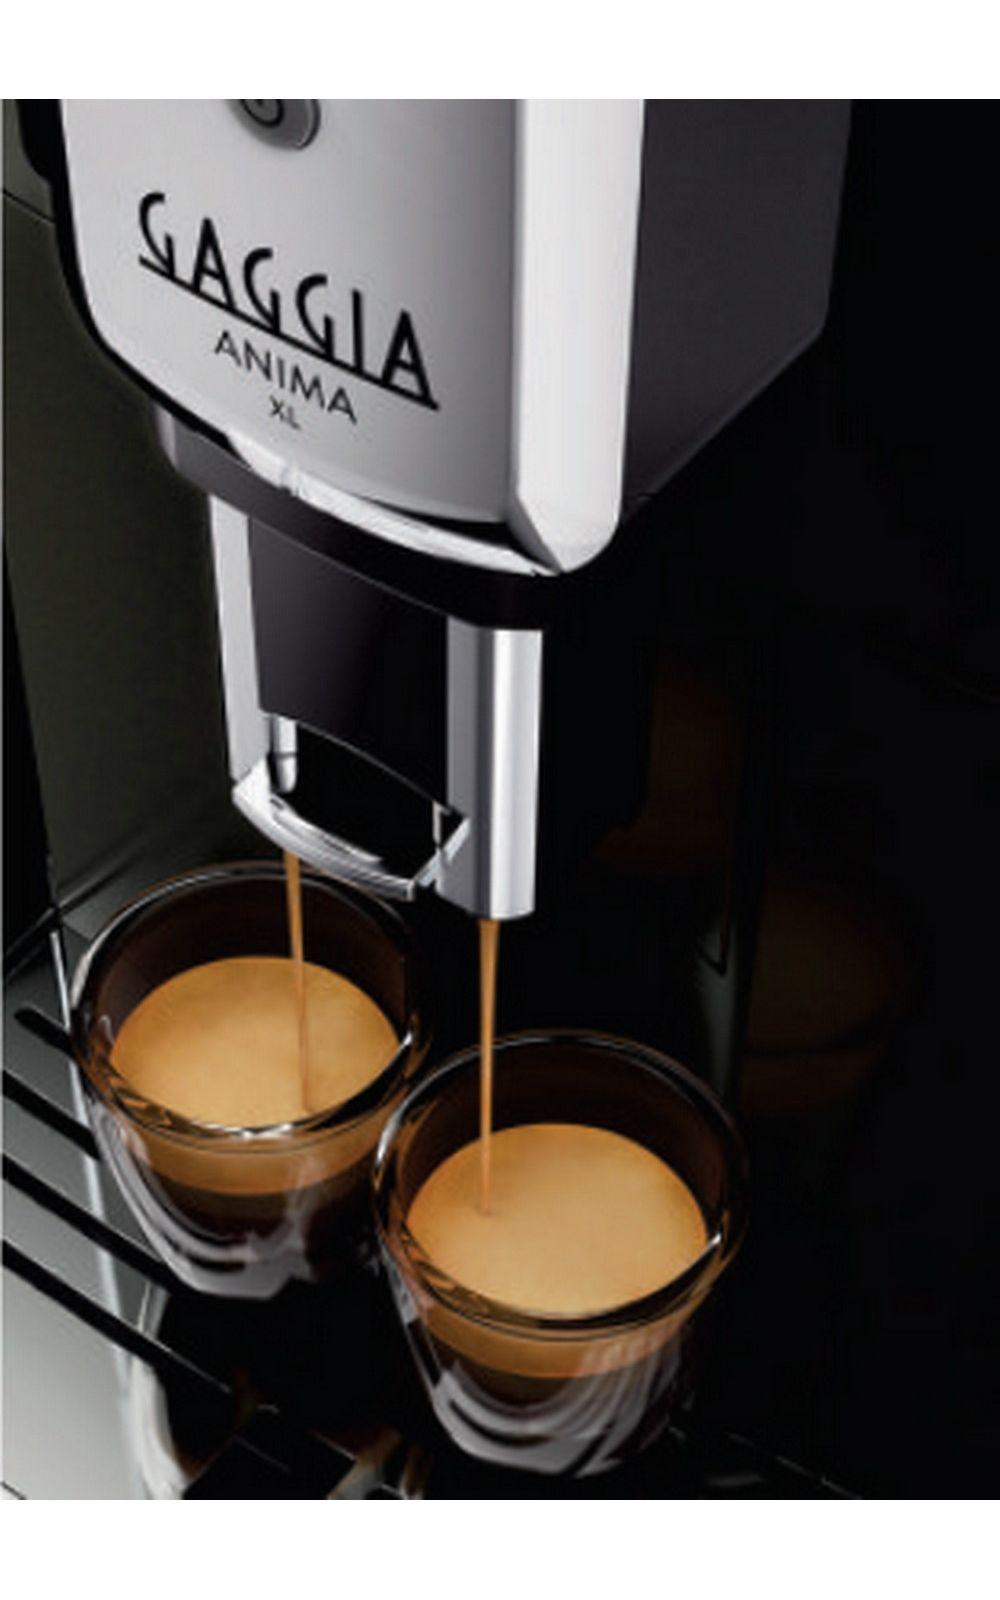 Foto 2 - Máquina de Café Espresso Automática Anima Pannarello 220V Gaggia